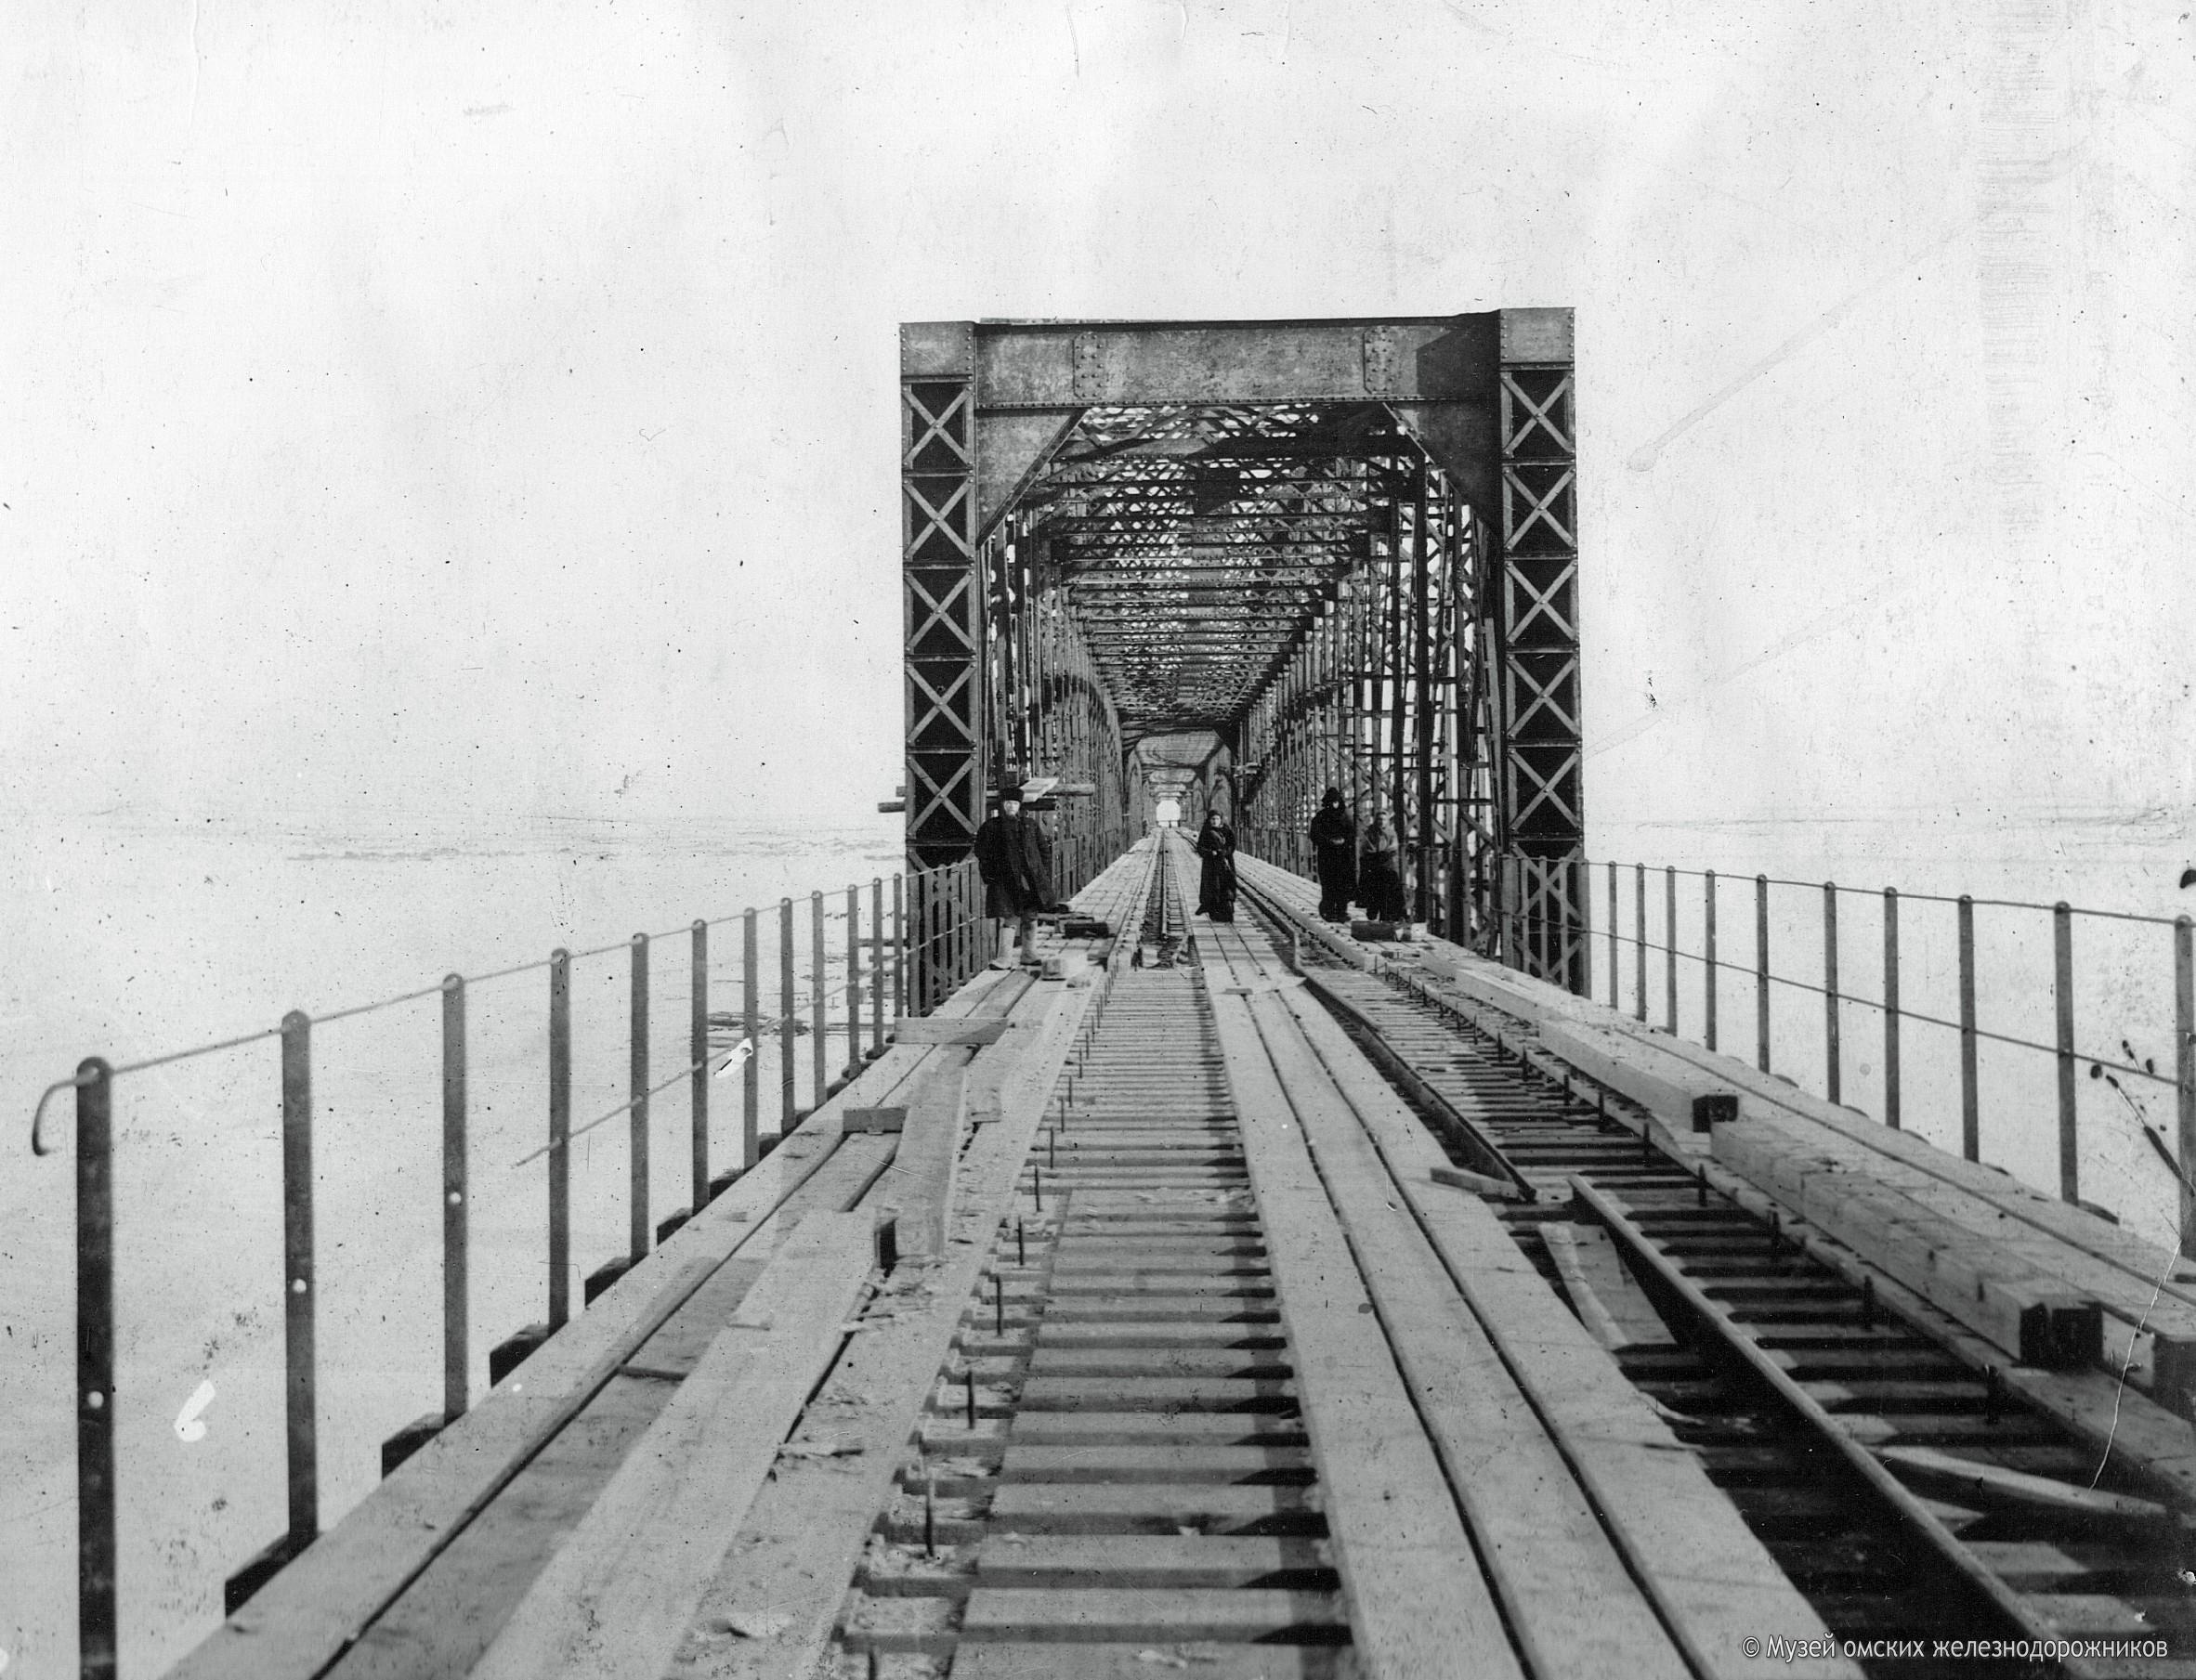 1896. Закончено строительство железнодорожного моста через Иртыш. Еще не уложены рельсы на левобережном пролете. 22 февраля